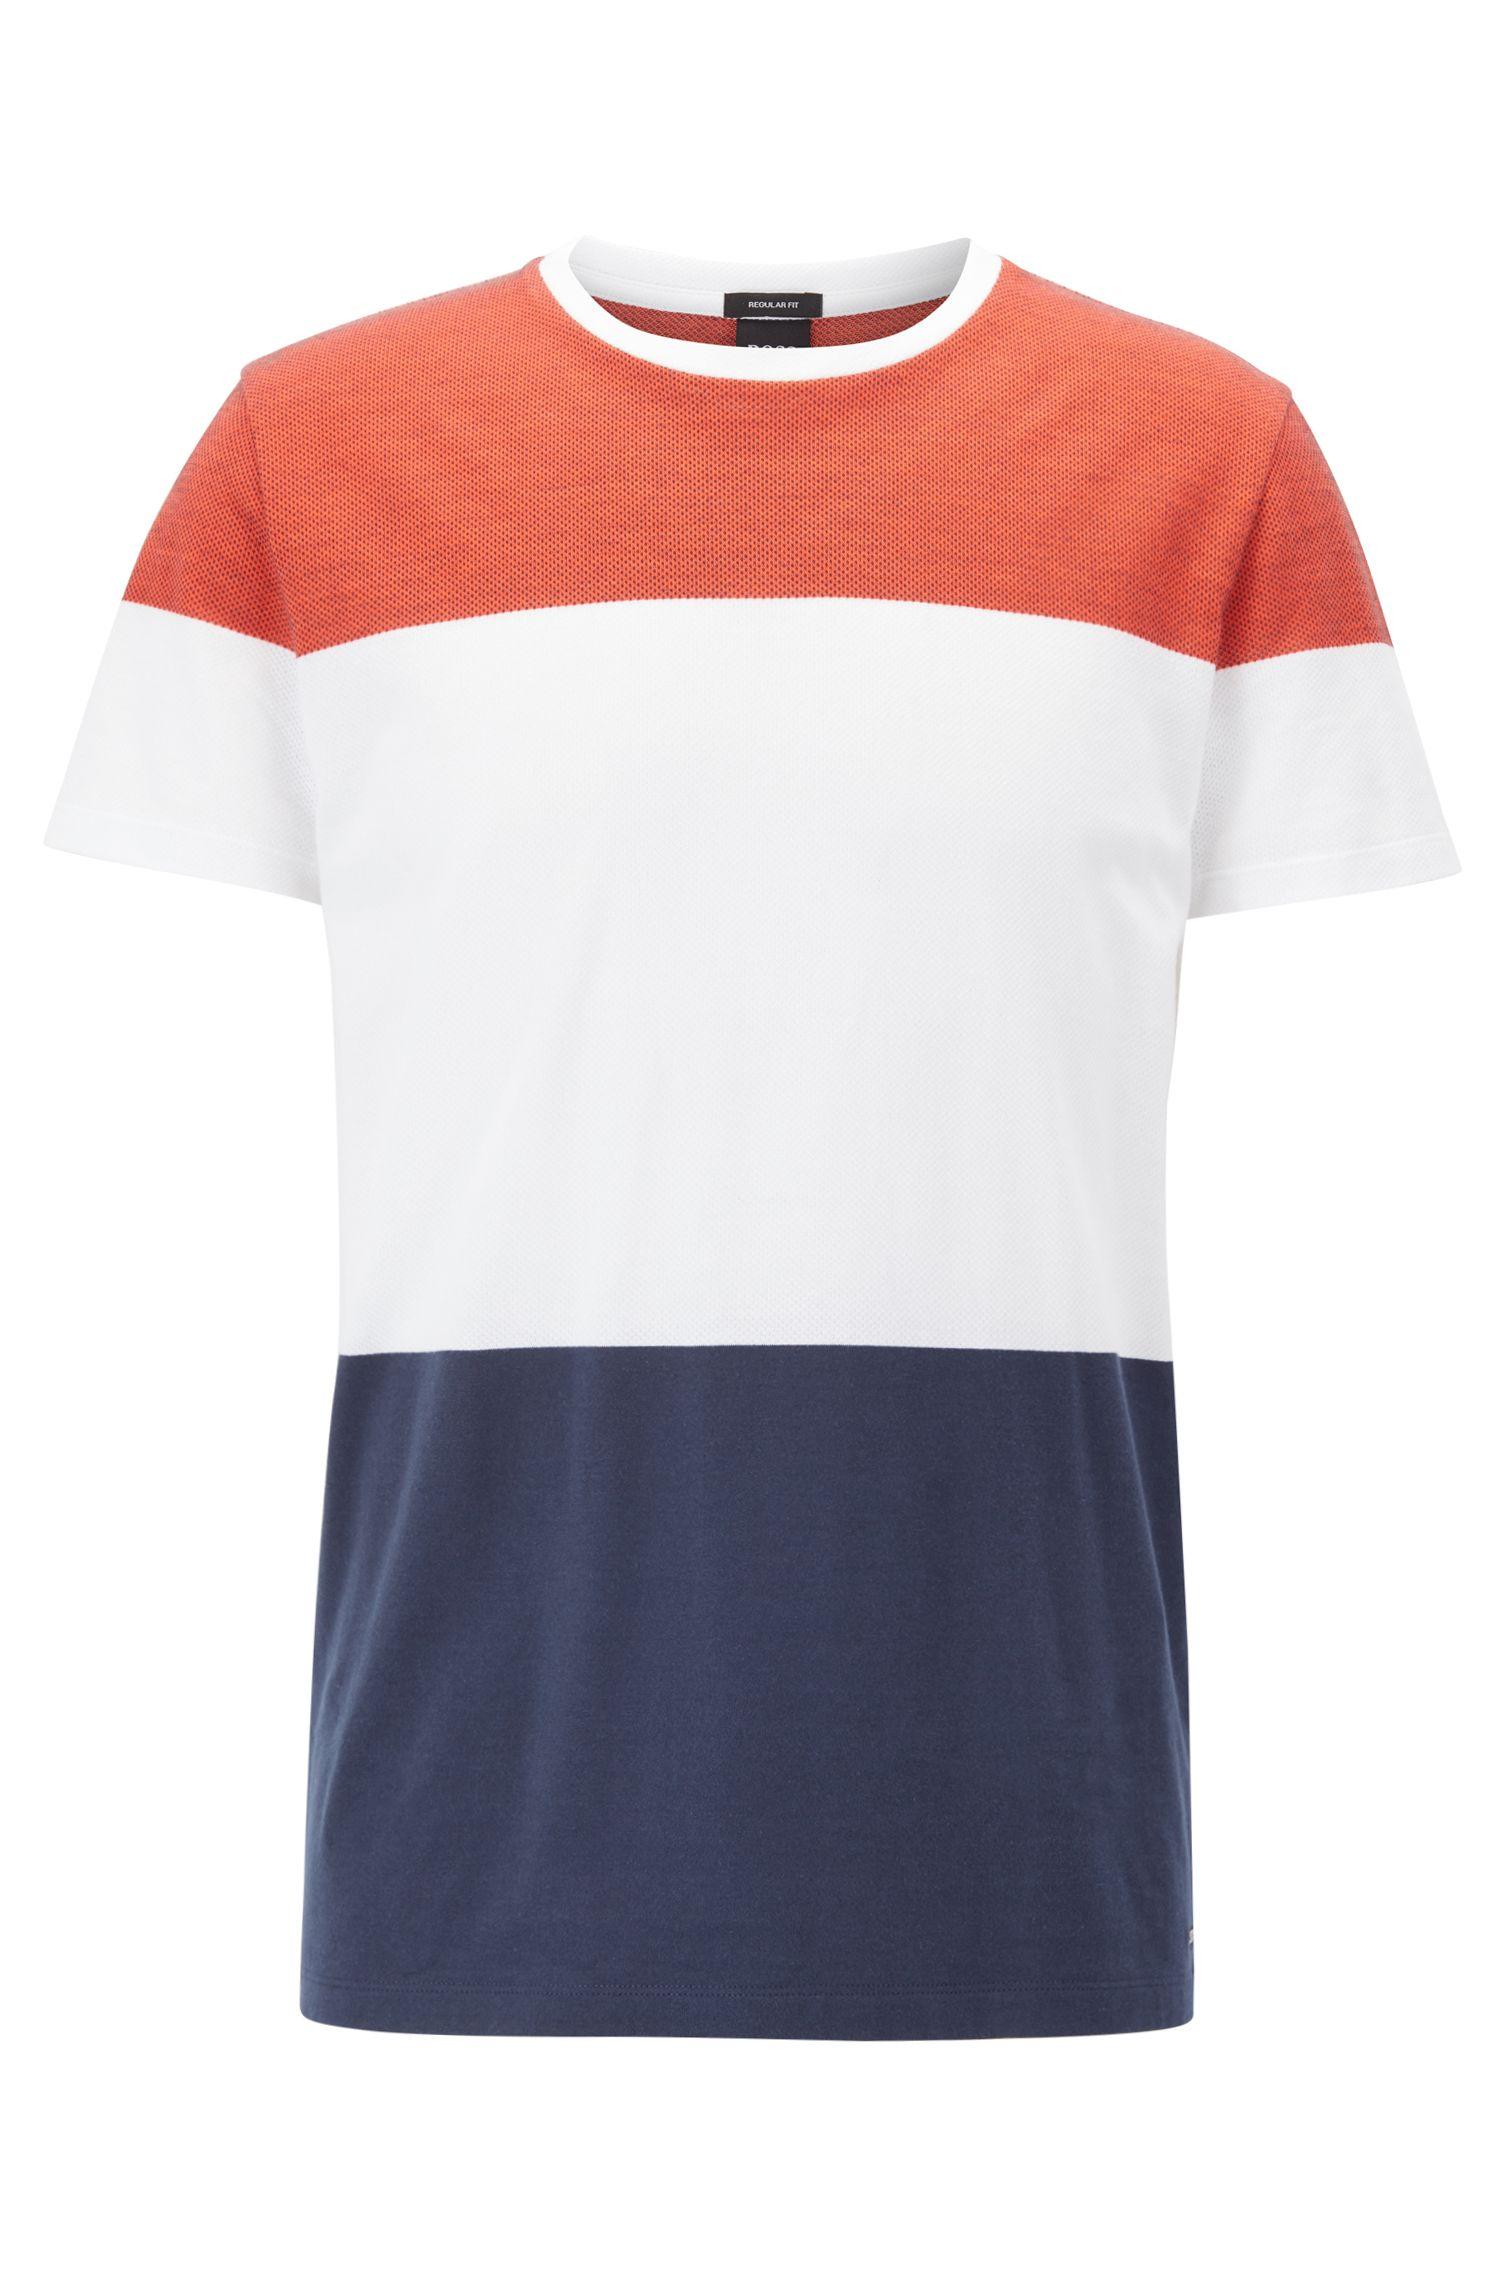 T-shirt in cotone bicolore con righe lavorate